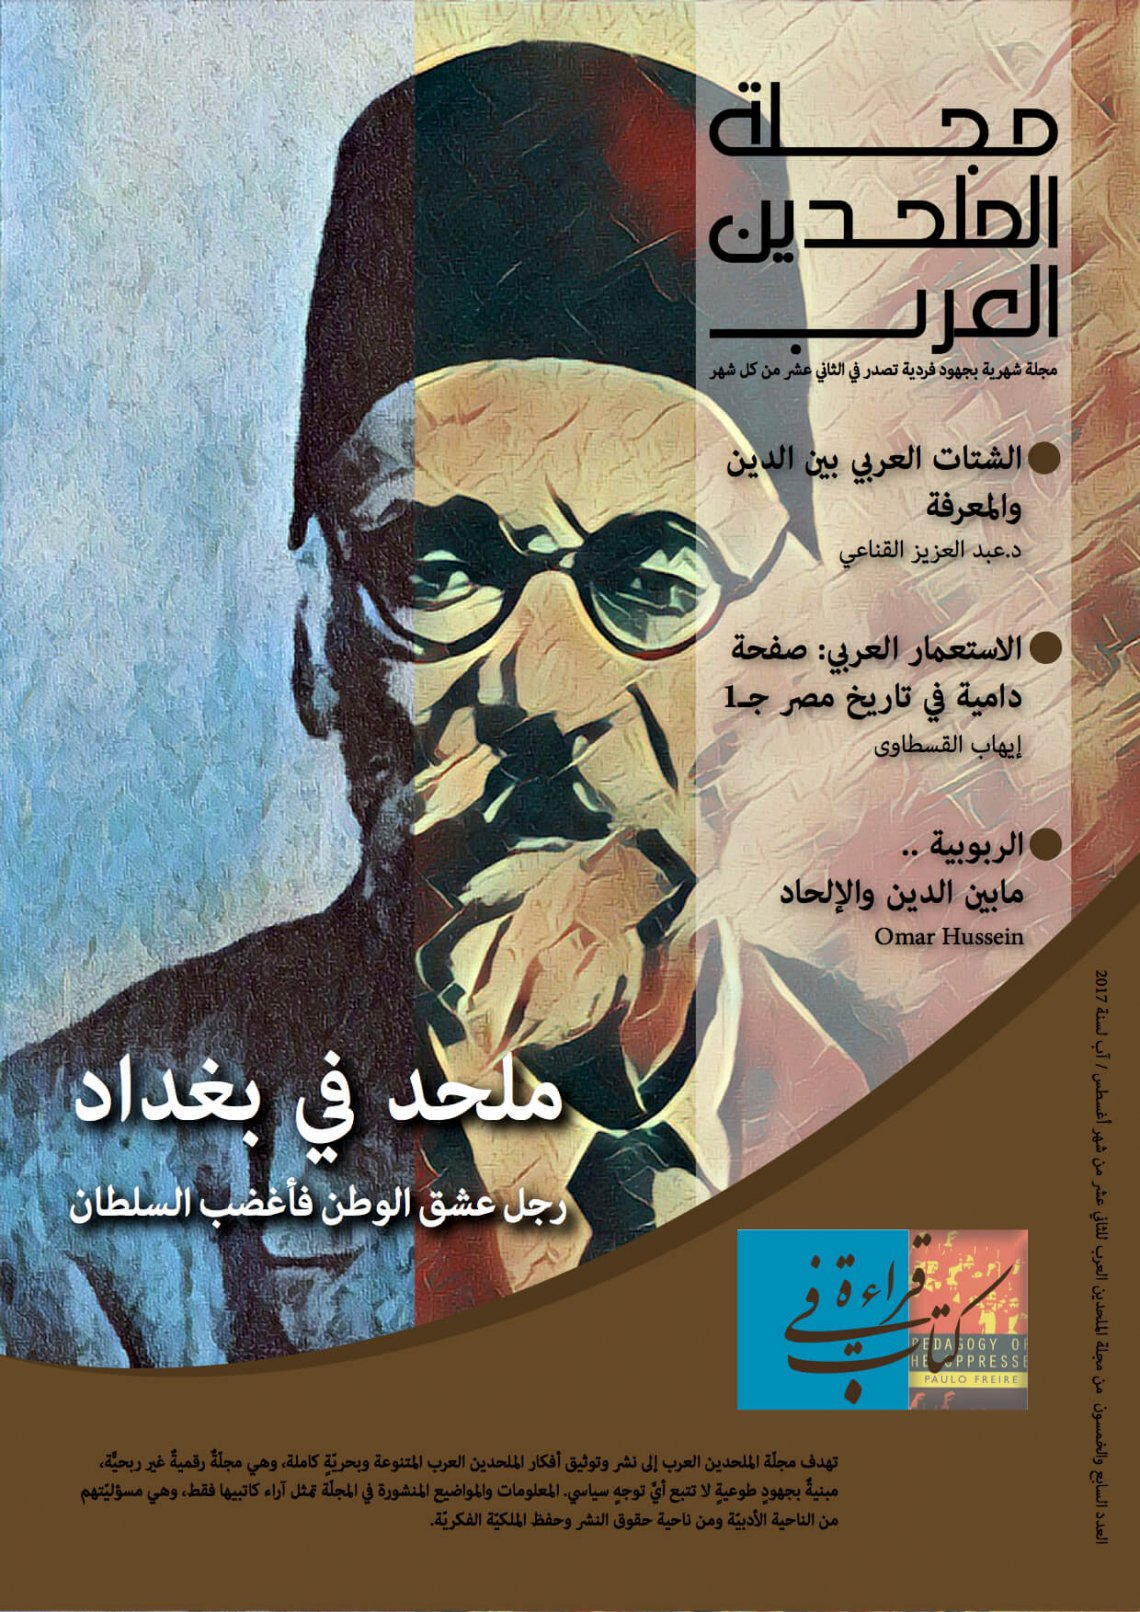 مجلة الملحدين العرب / العدد السابع والخمسون / أغسطس آب / 2017